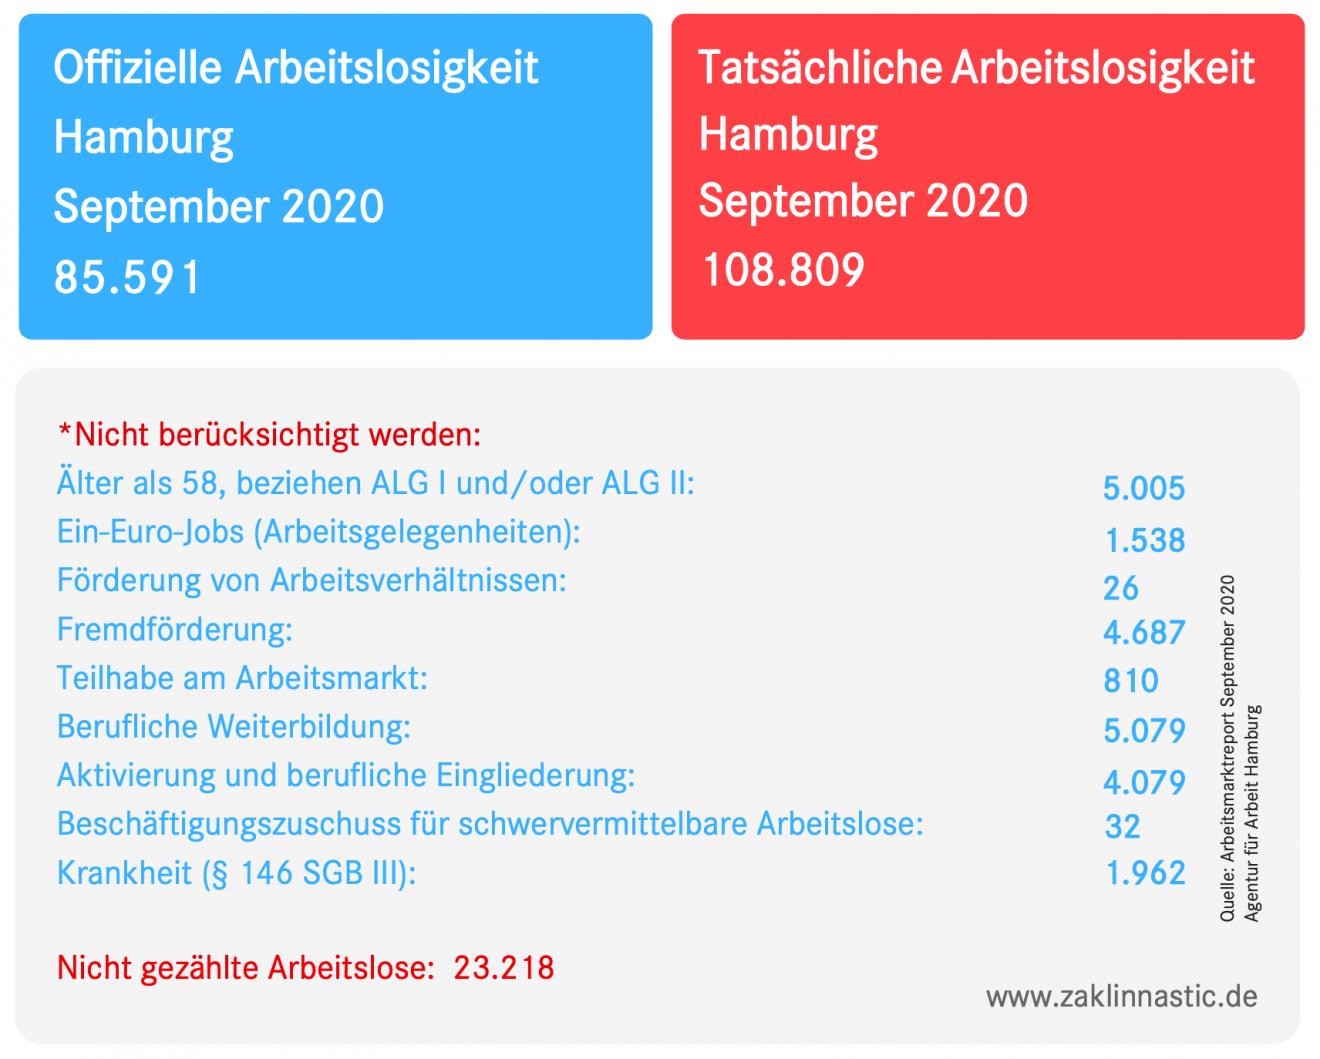 Bildschirmfoto 2020-10-01 um 10.41.47